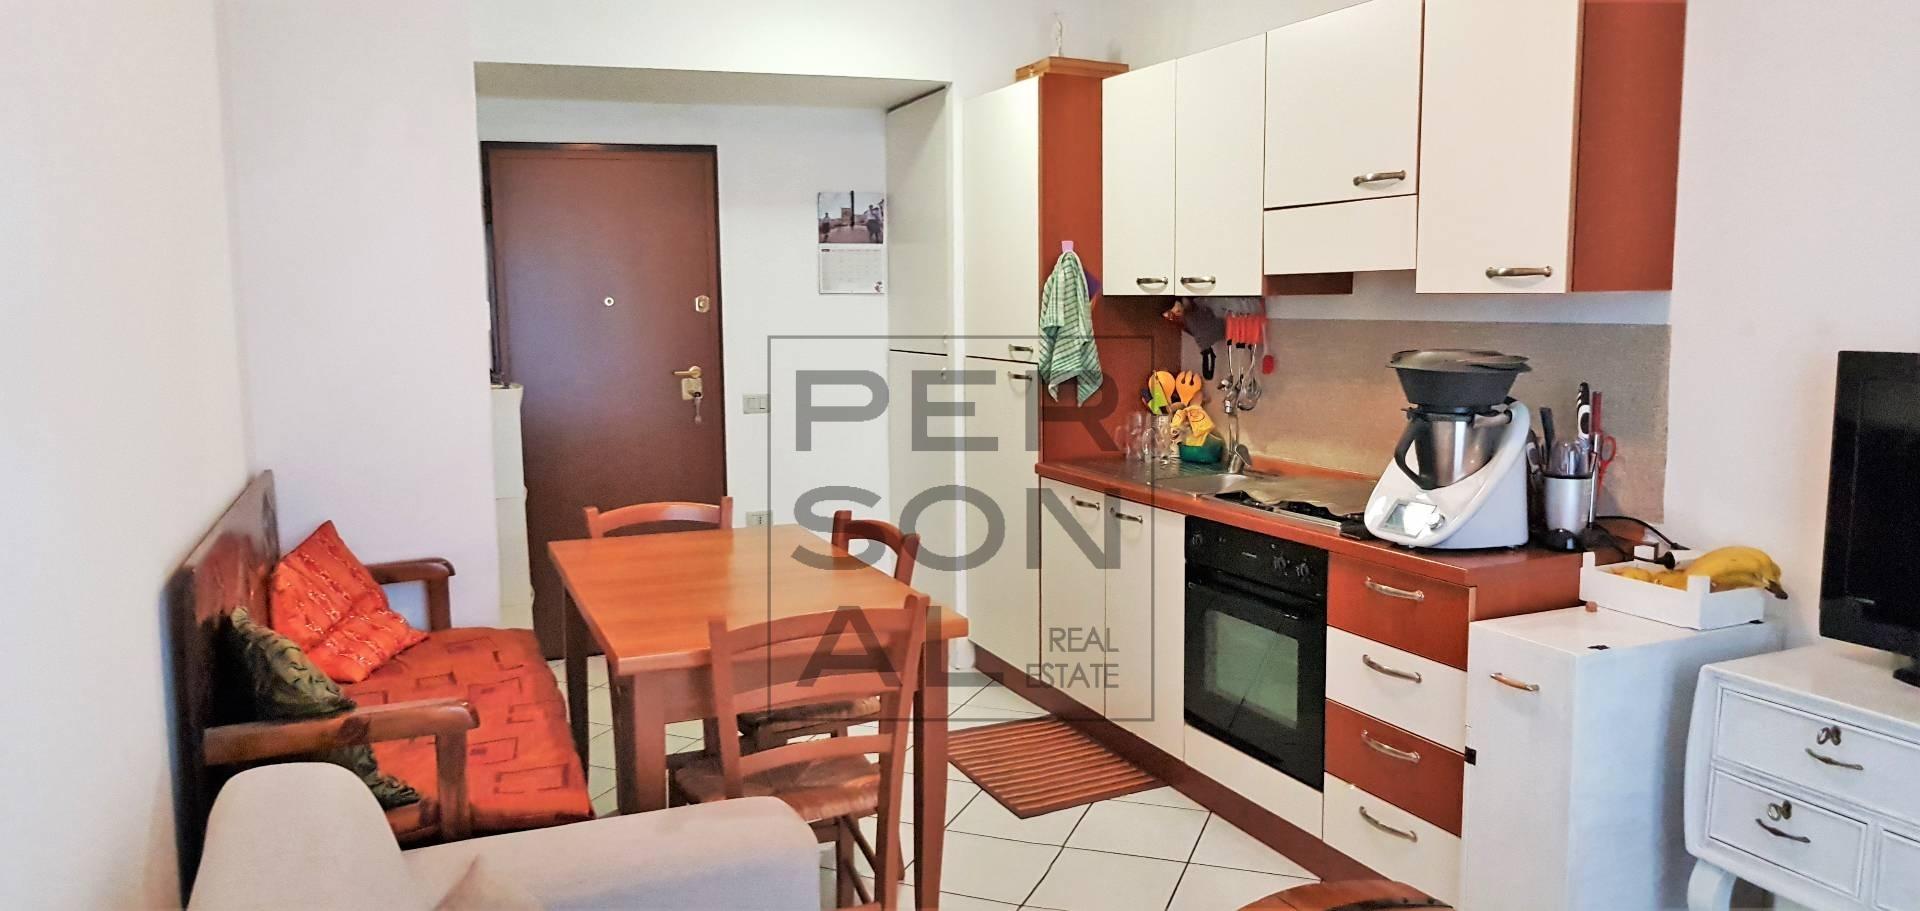 Appartamento in affitto a San Michele all'Adige, 2 locali, zona Zona: Grumo, prezzo € 500   CambioCasa.it